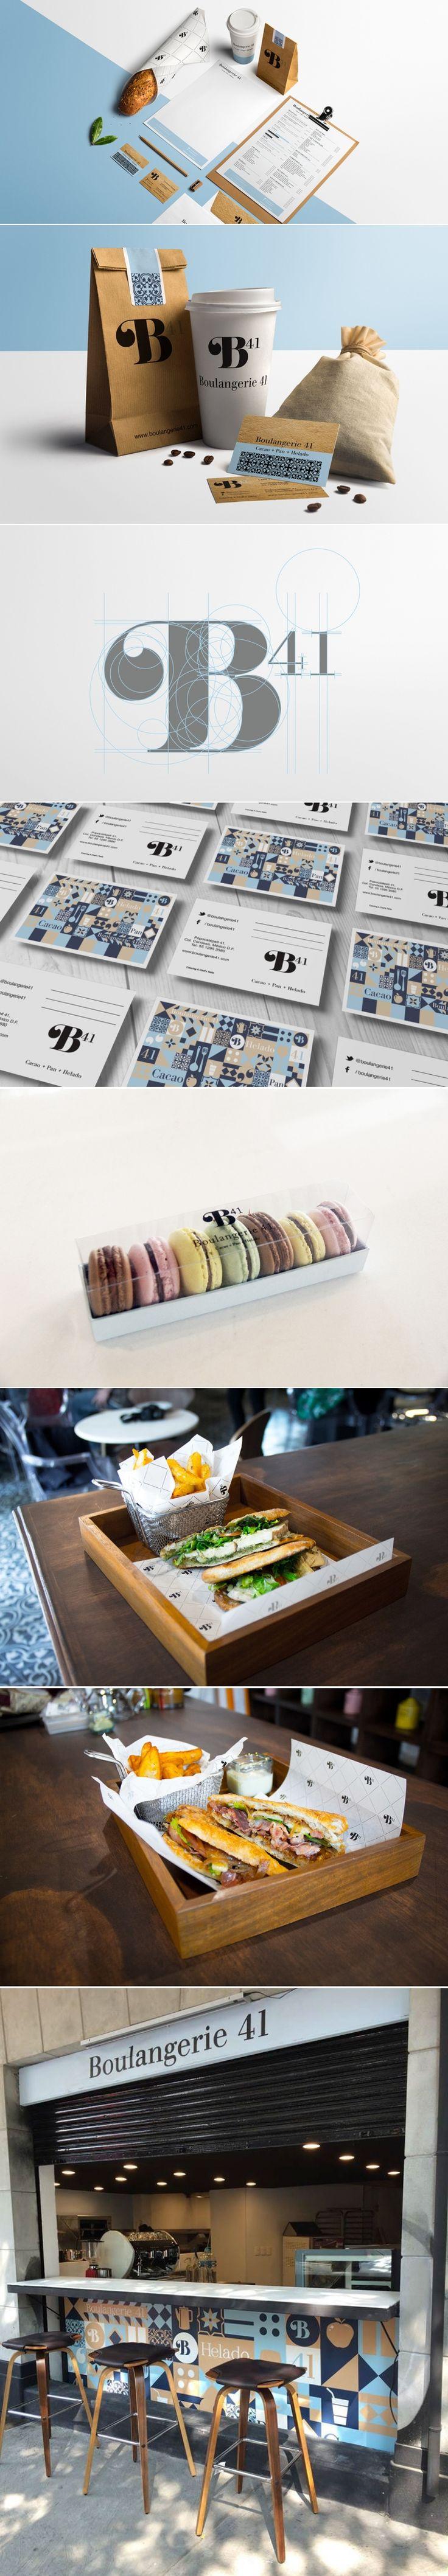 Boulangerie 41 — The Dieline   Packaging & Branding Design & Innovation News